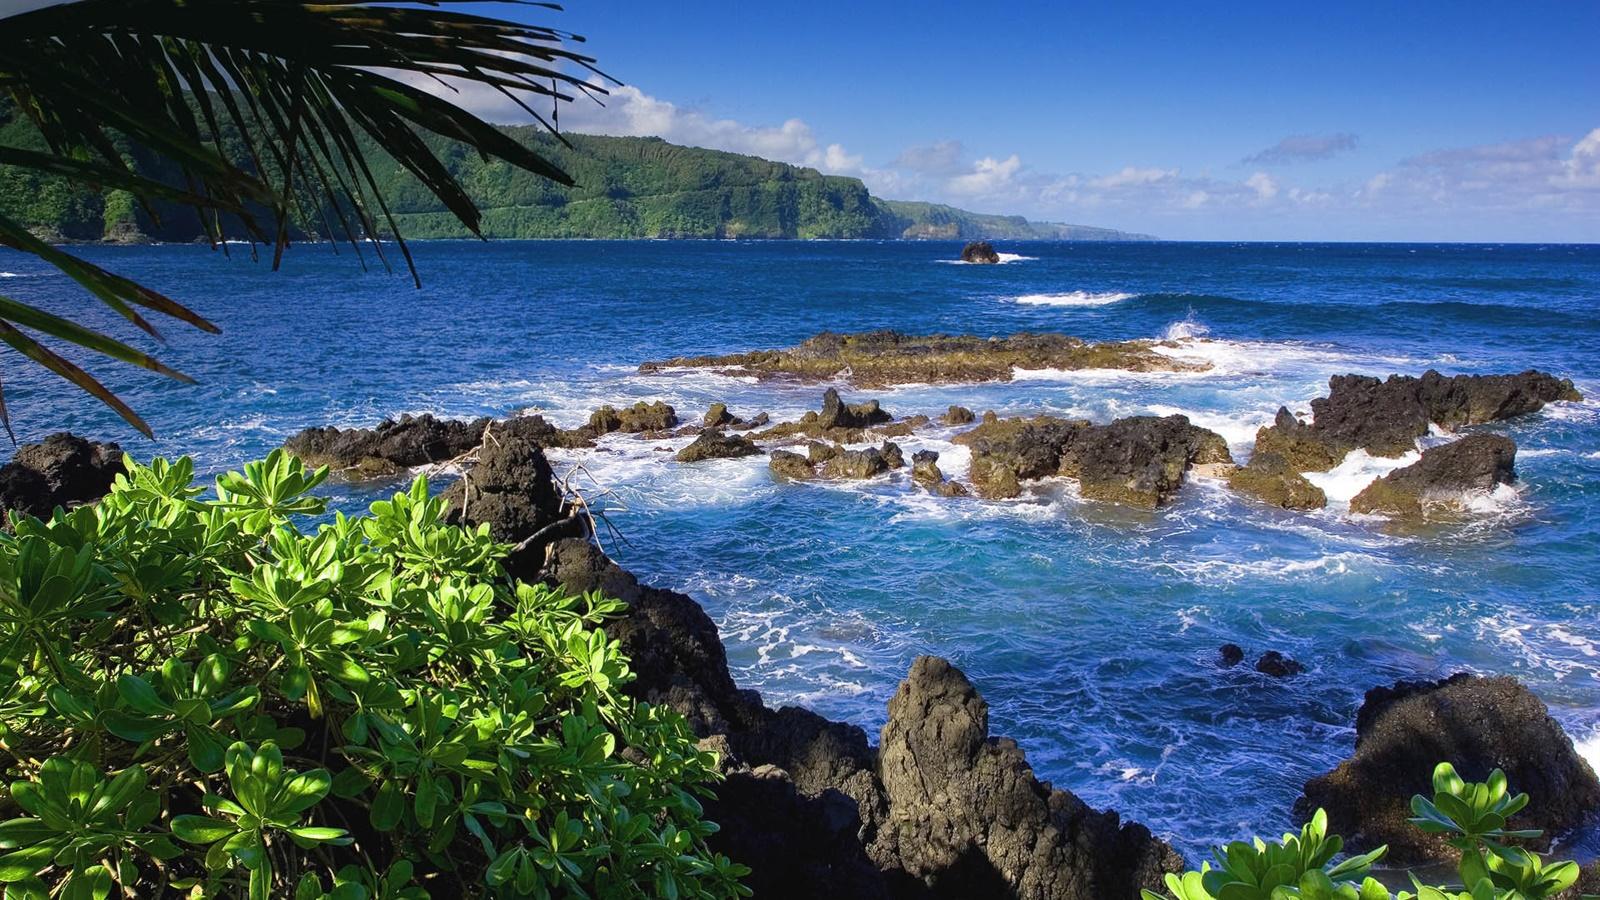 マウイ島 ハワイ アメリカ 海 デスクトップの壁紙 1600x900 壁紙をダウンロード Ja Hdwall365 Com